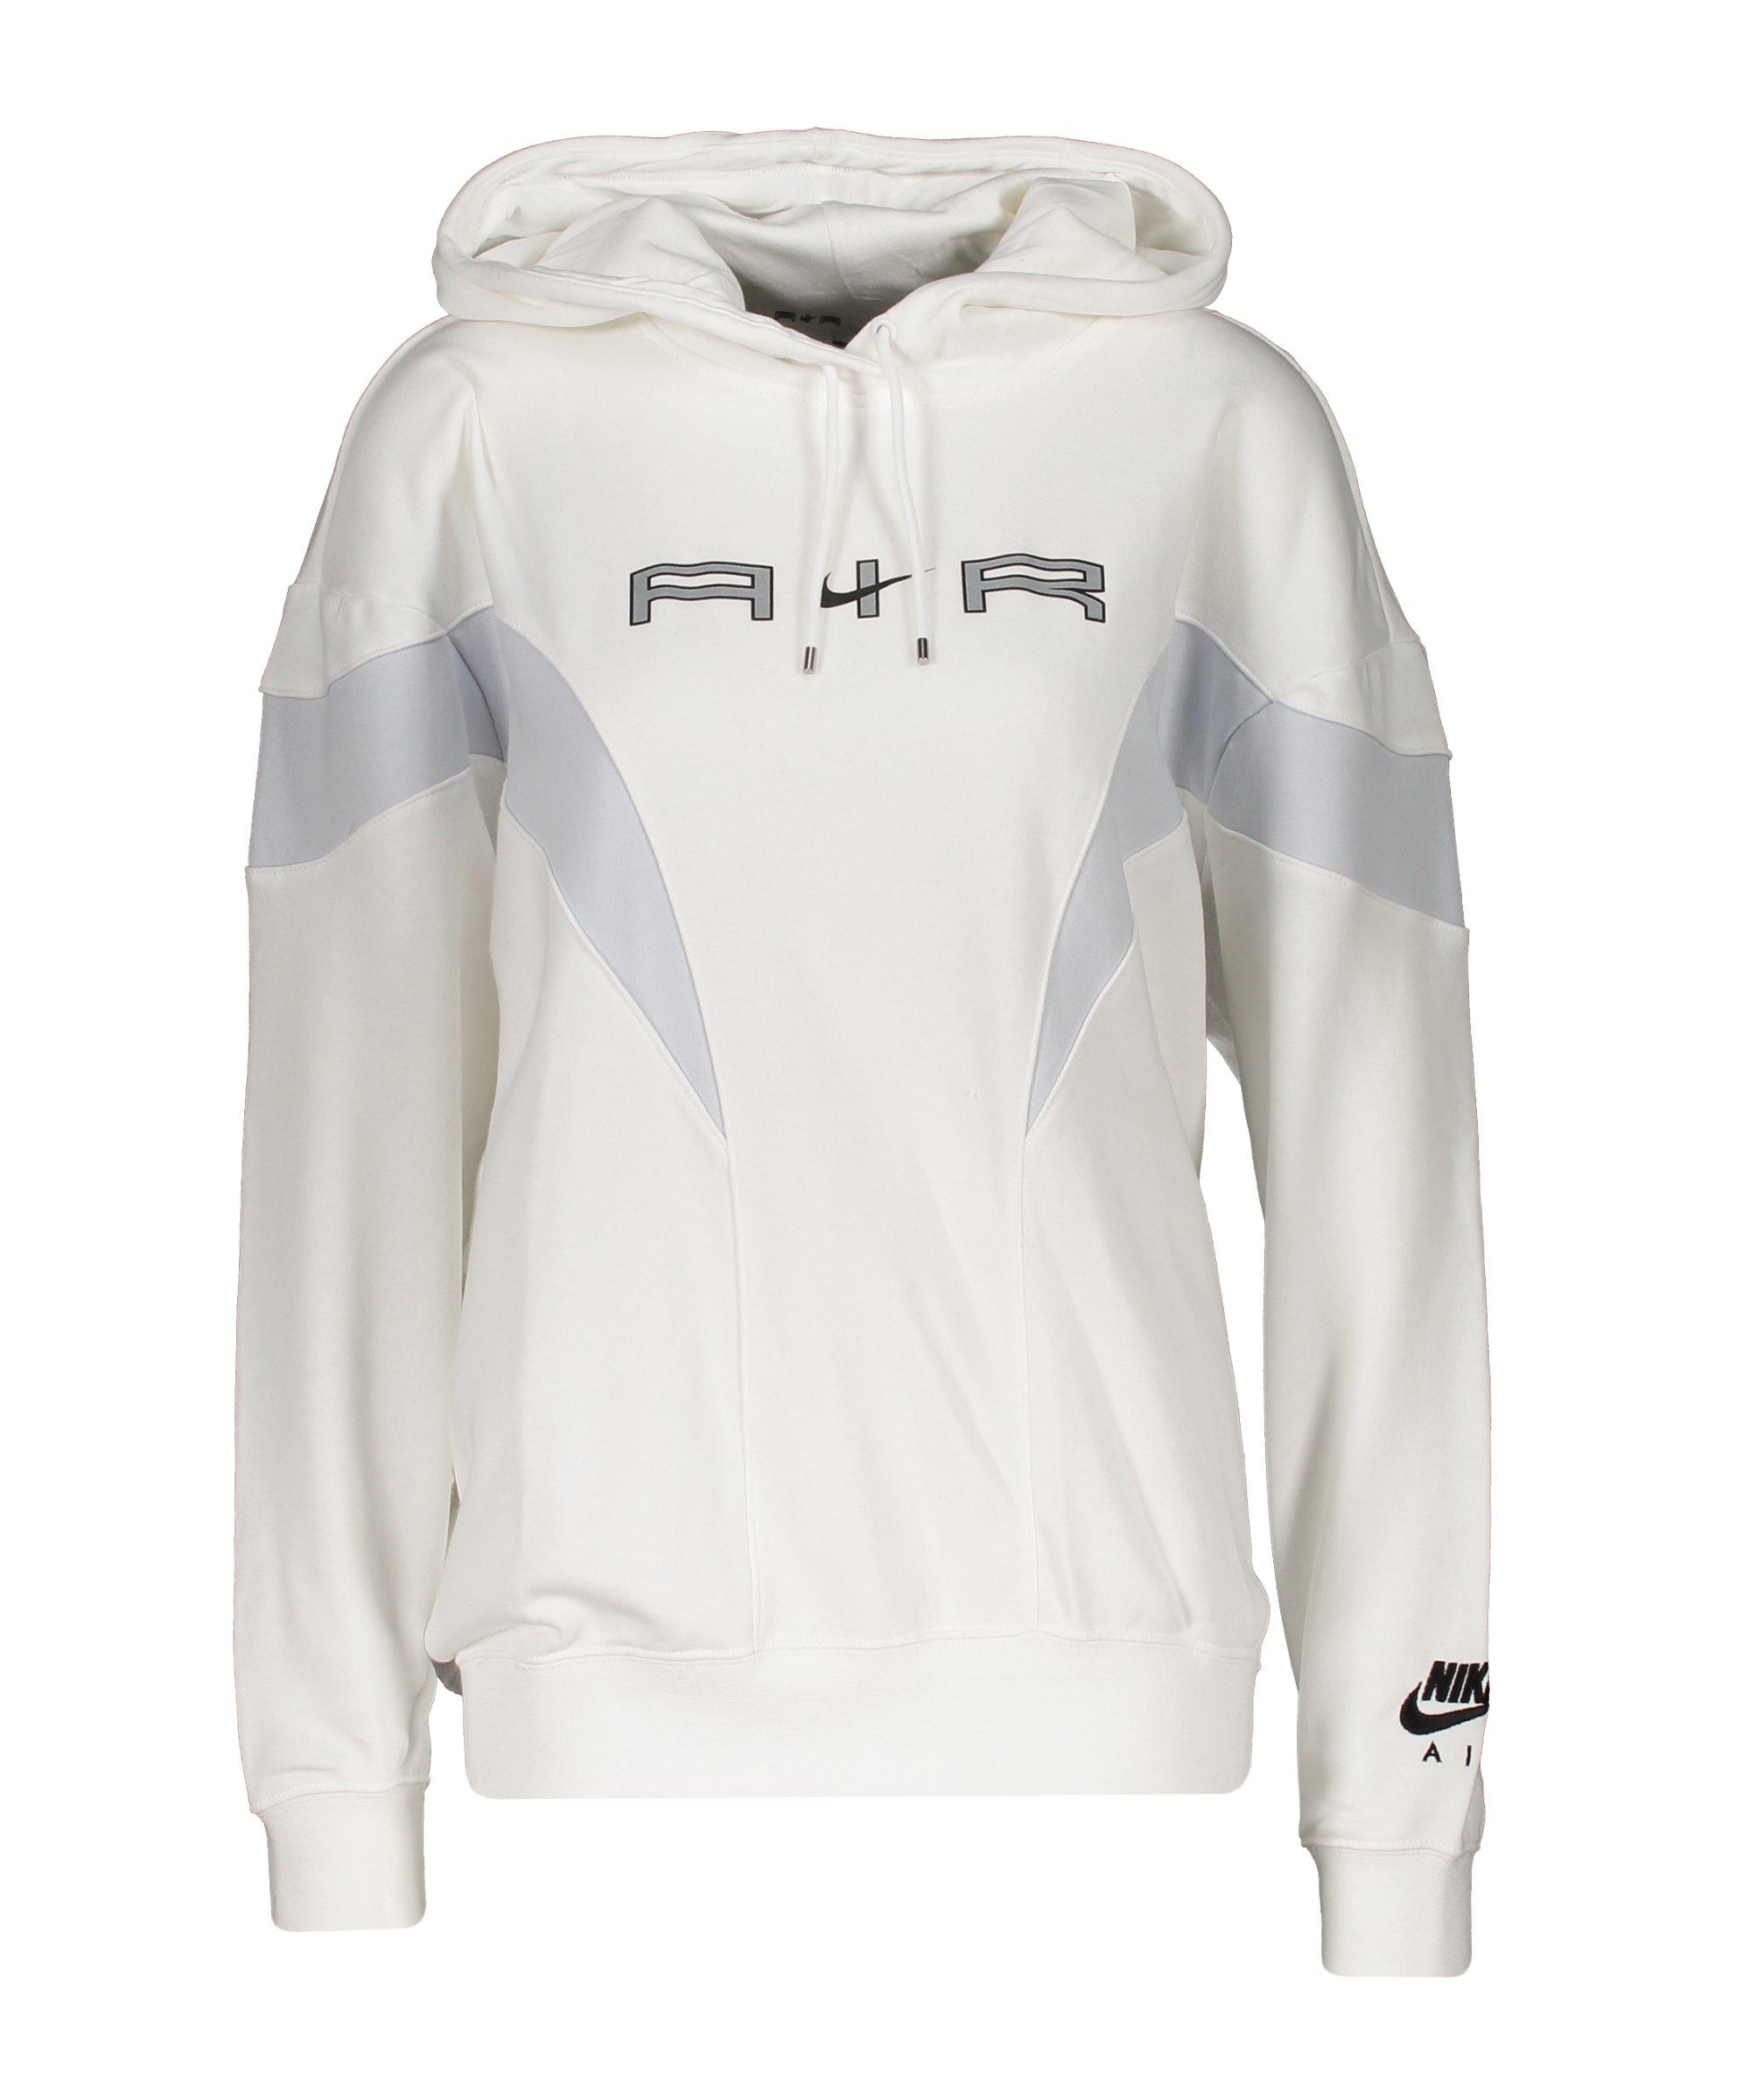 Nike Air Hoody Damen Weiss F100 - weiss